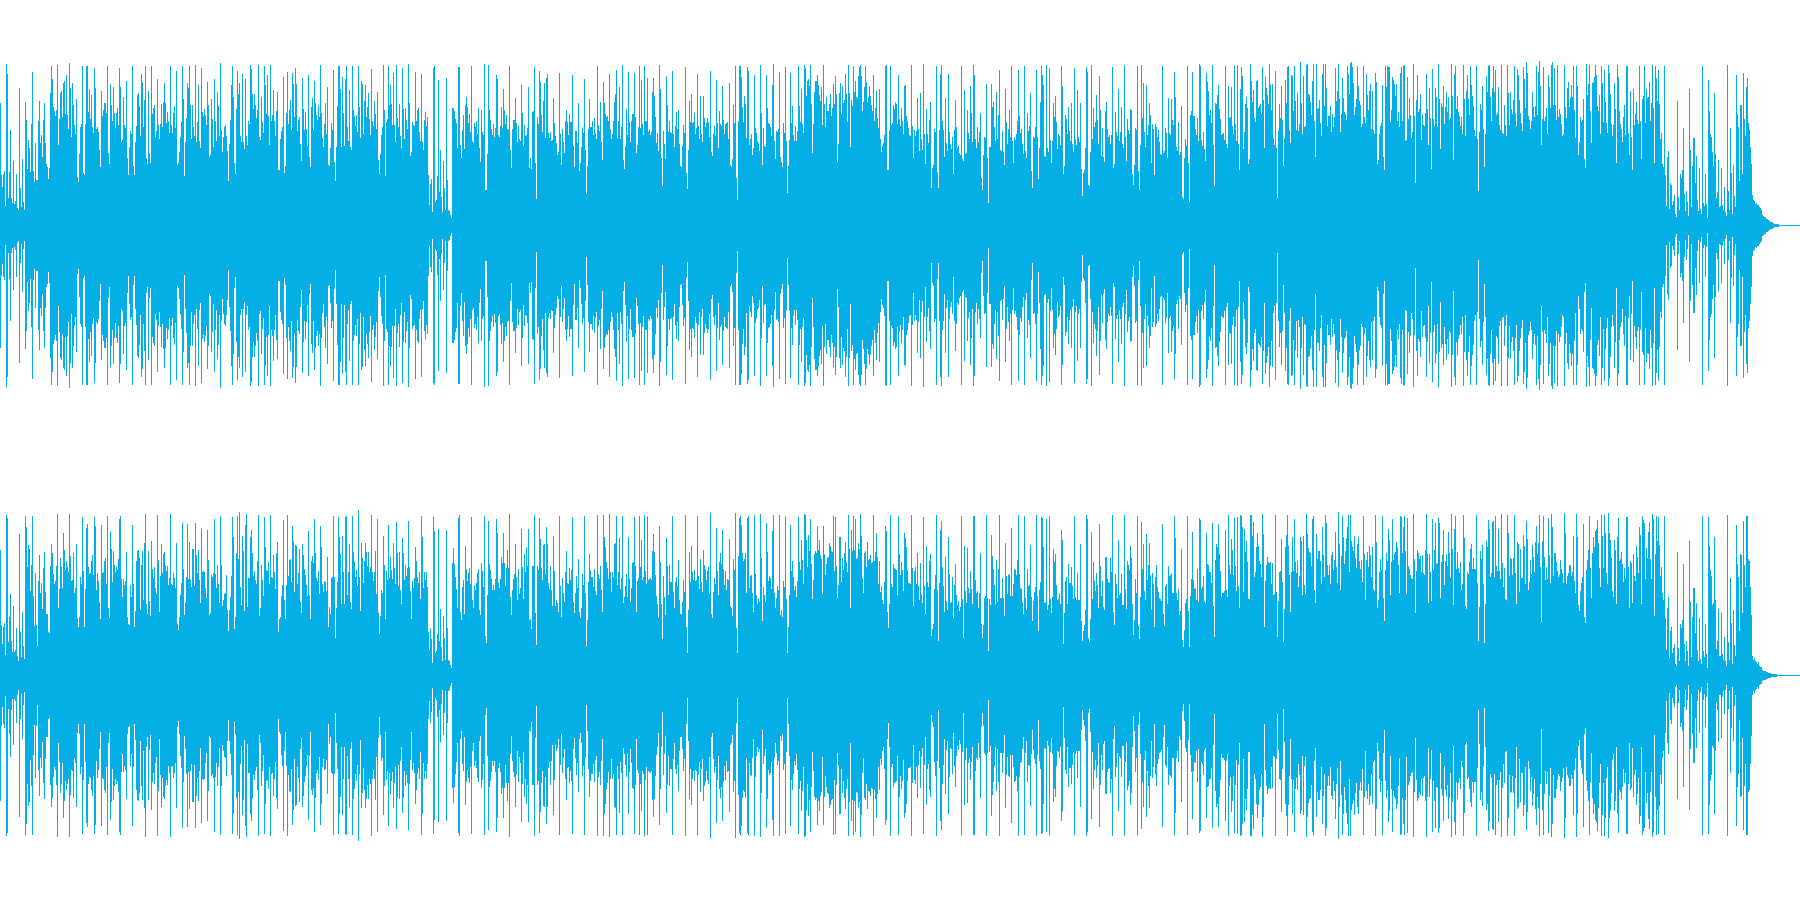 シンセの金属音が軽快なポップスの再生済みの波形